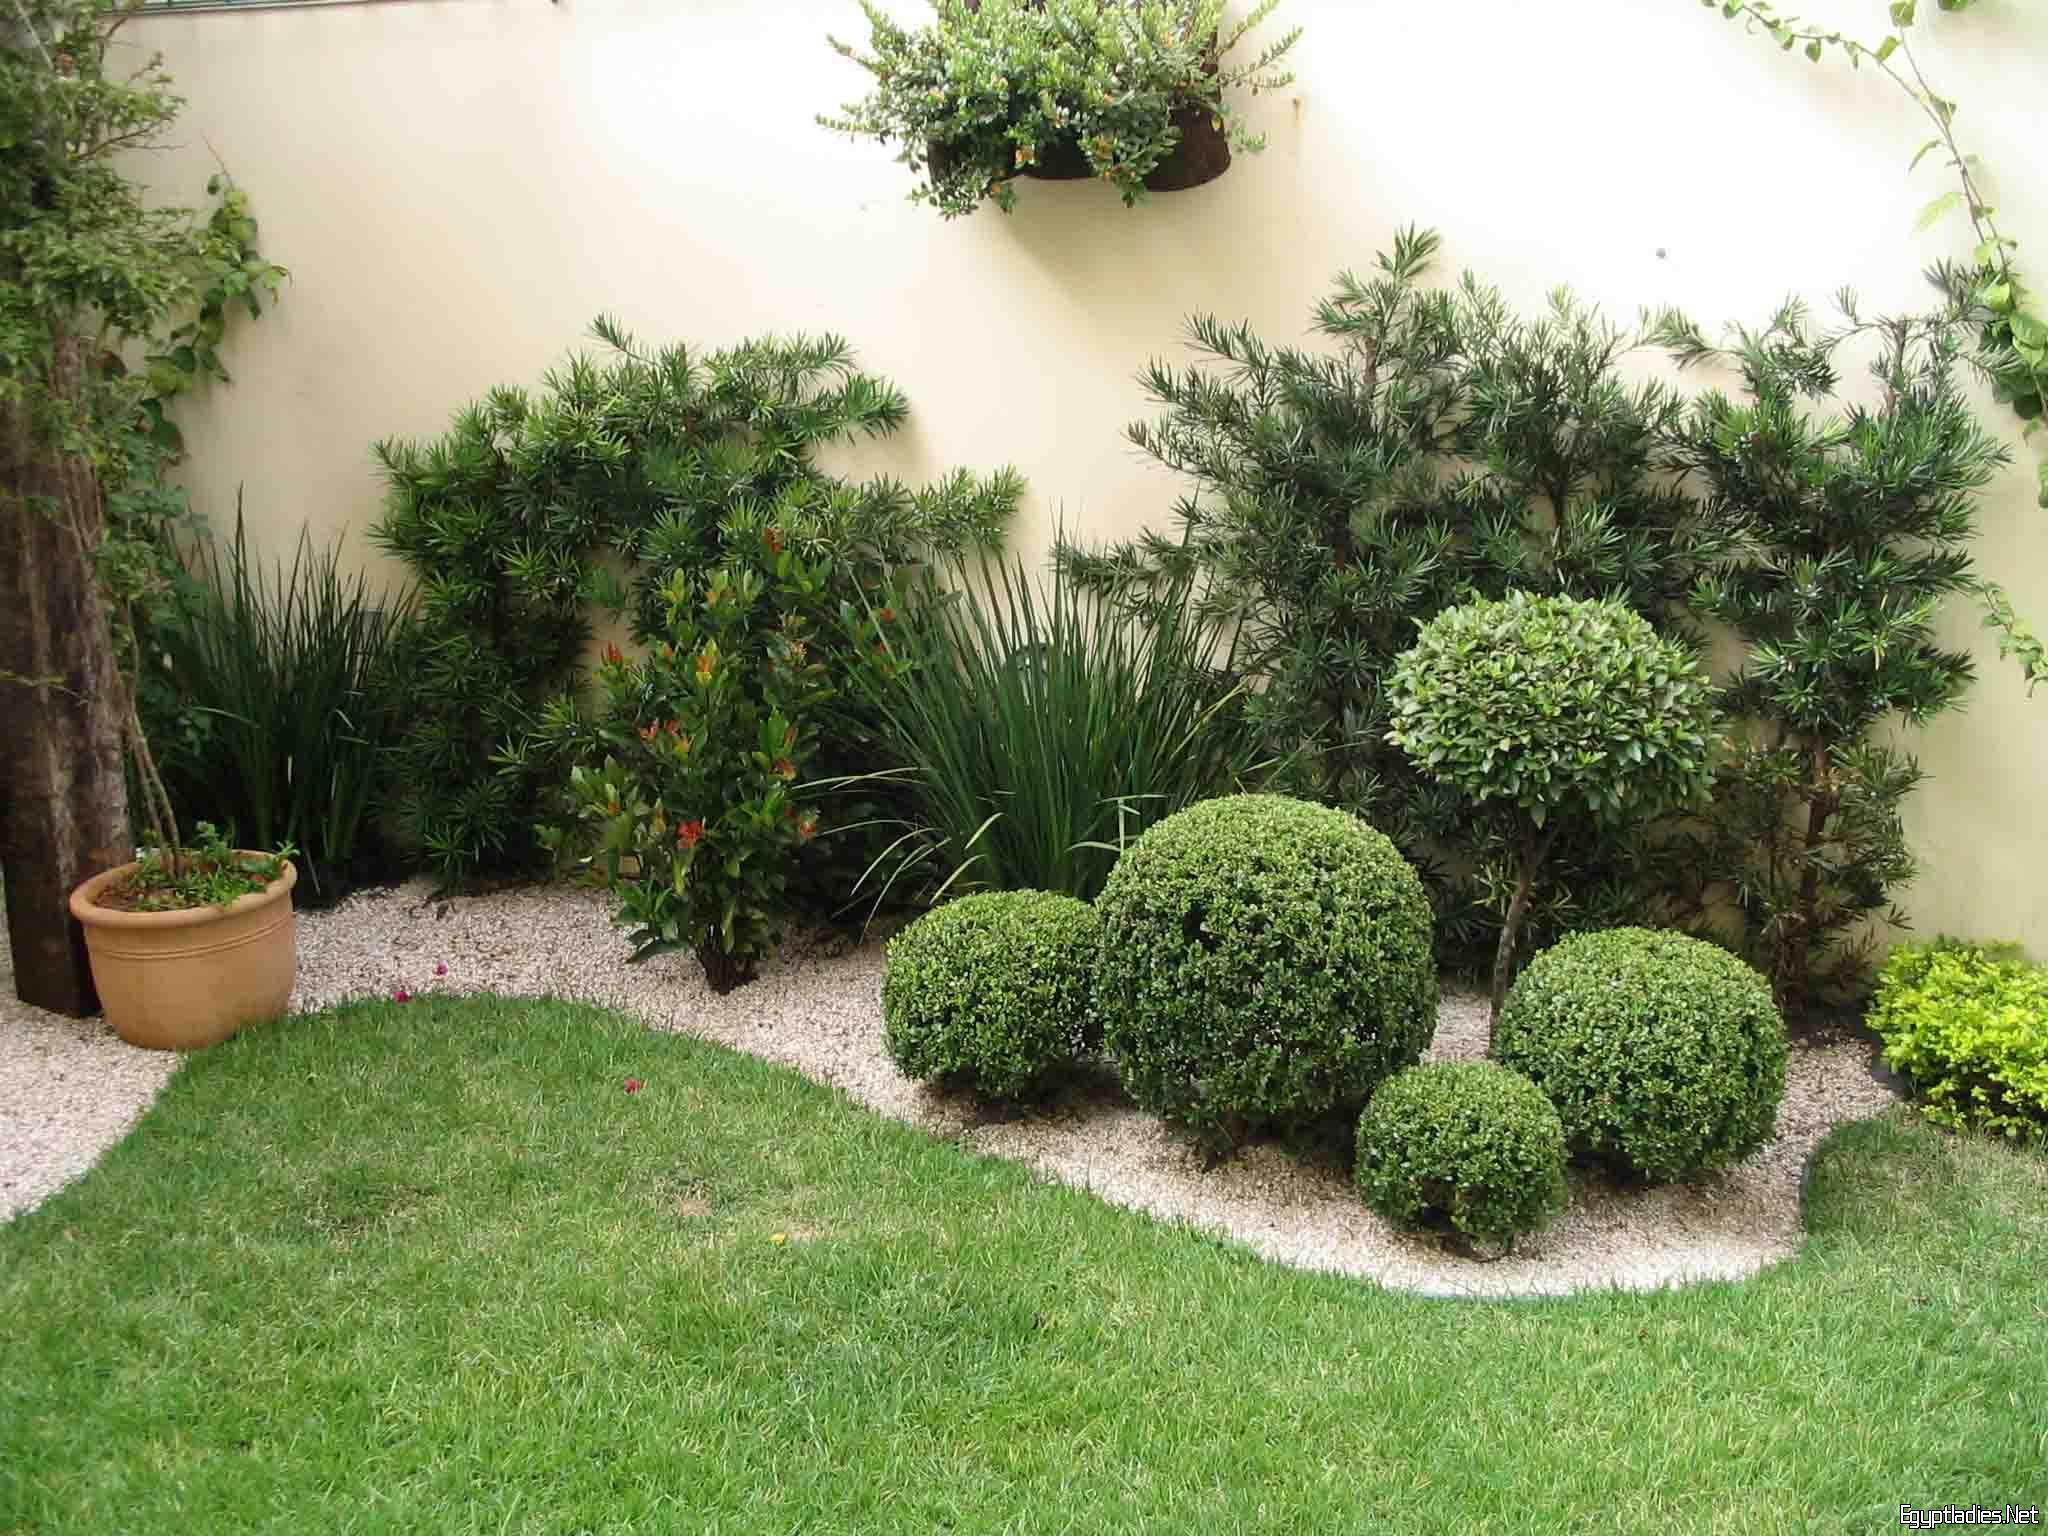 20a76a160 شركة تنسيق حدائق بالطائف 0508166703 ارخص الاسعار - شركة النسيم